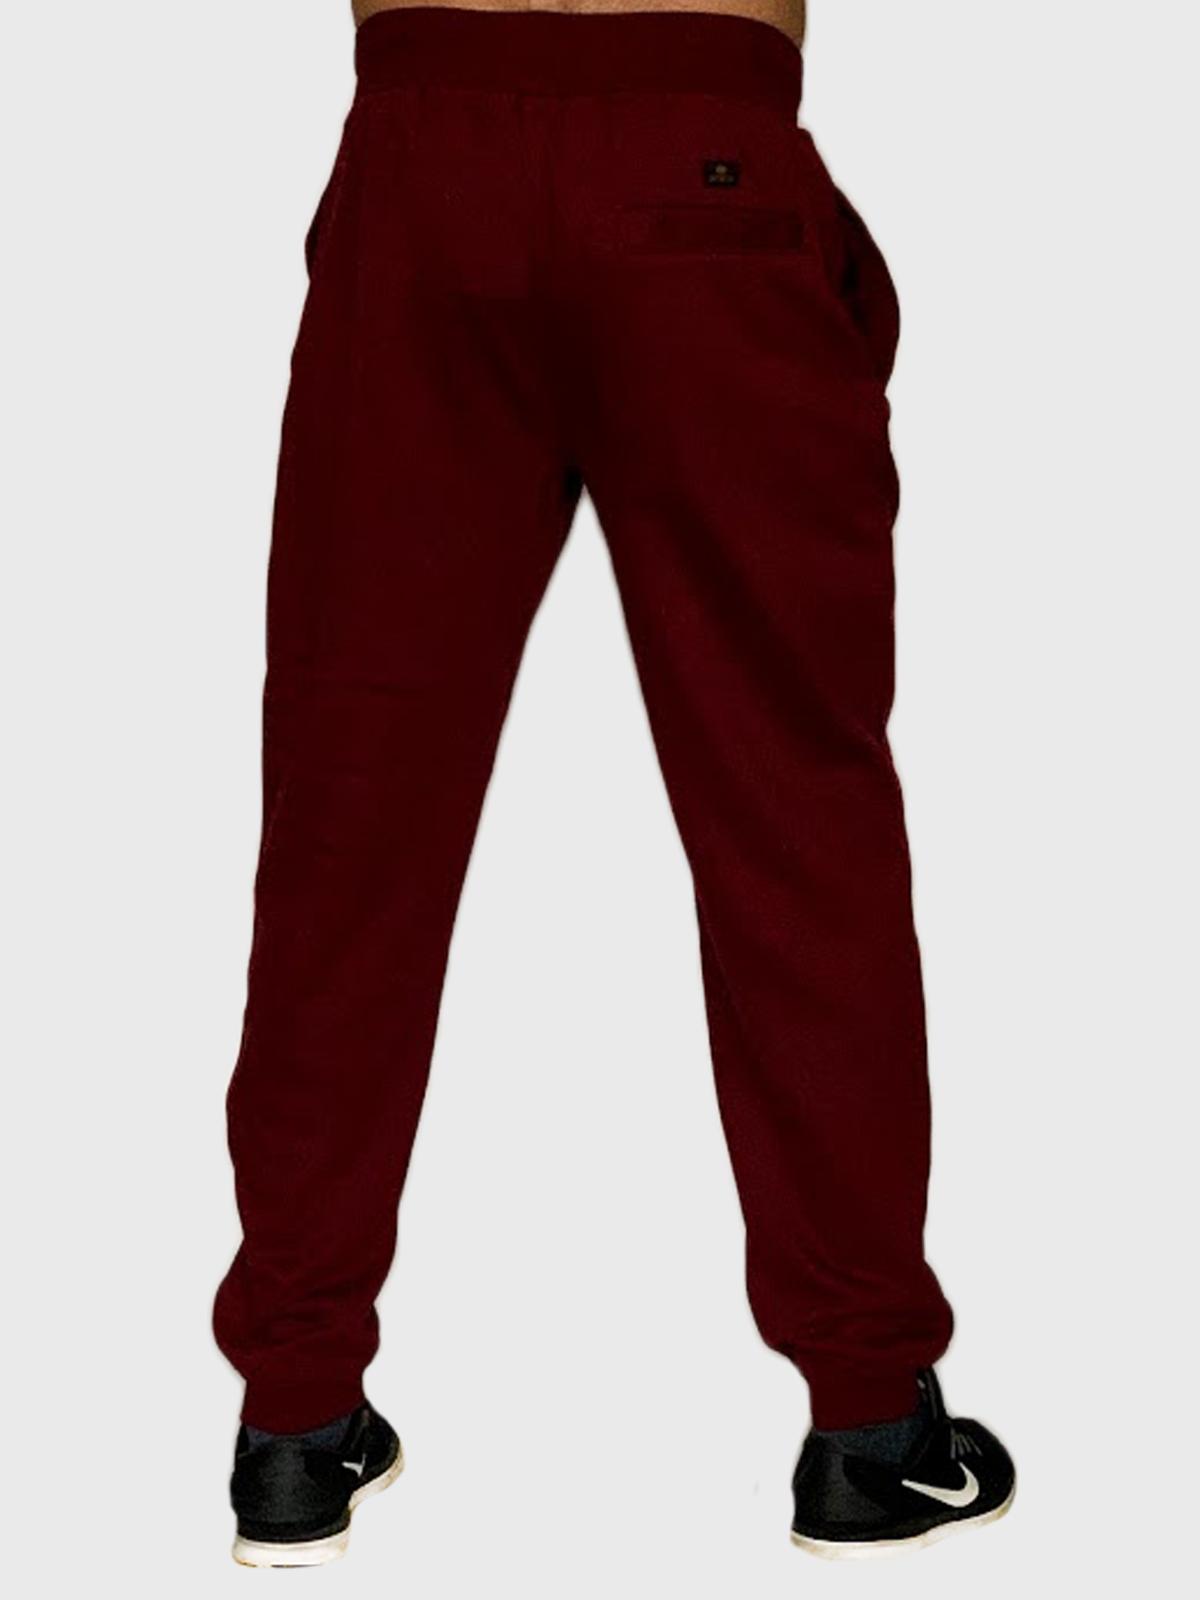 Заказать в интернет магазине мужские свободные штаны на каждый день